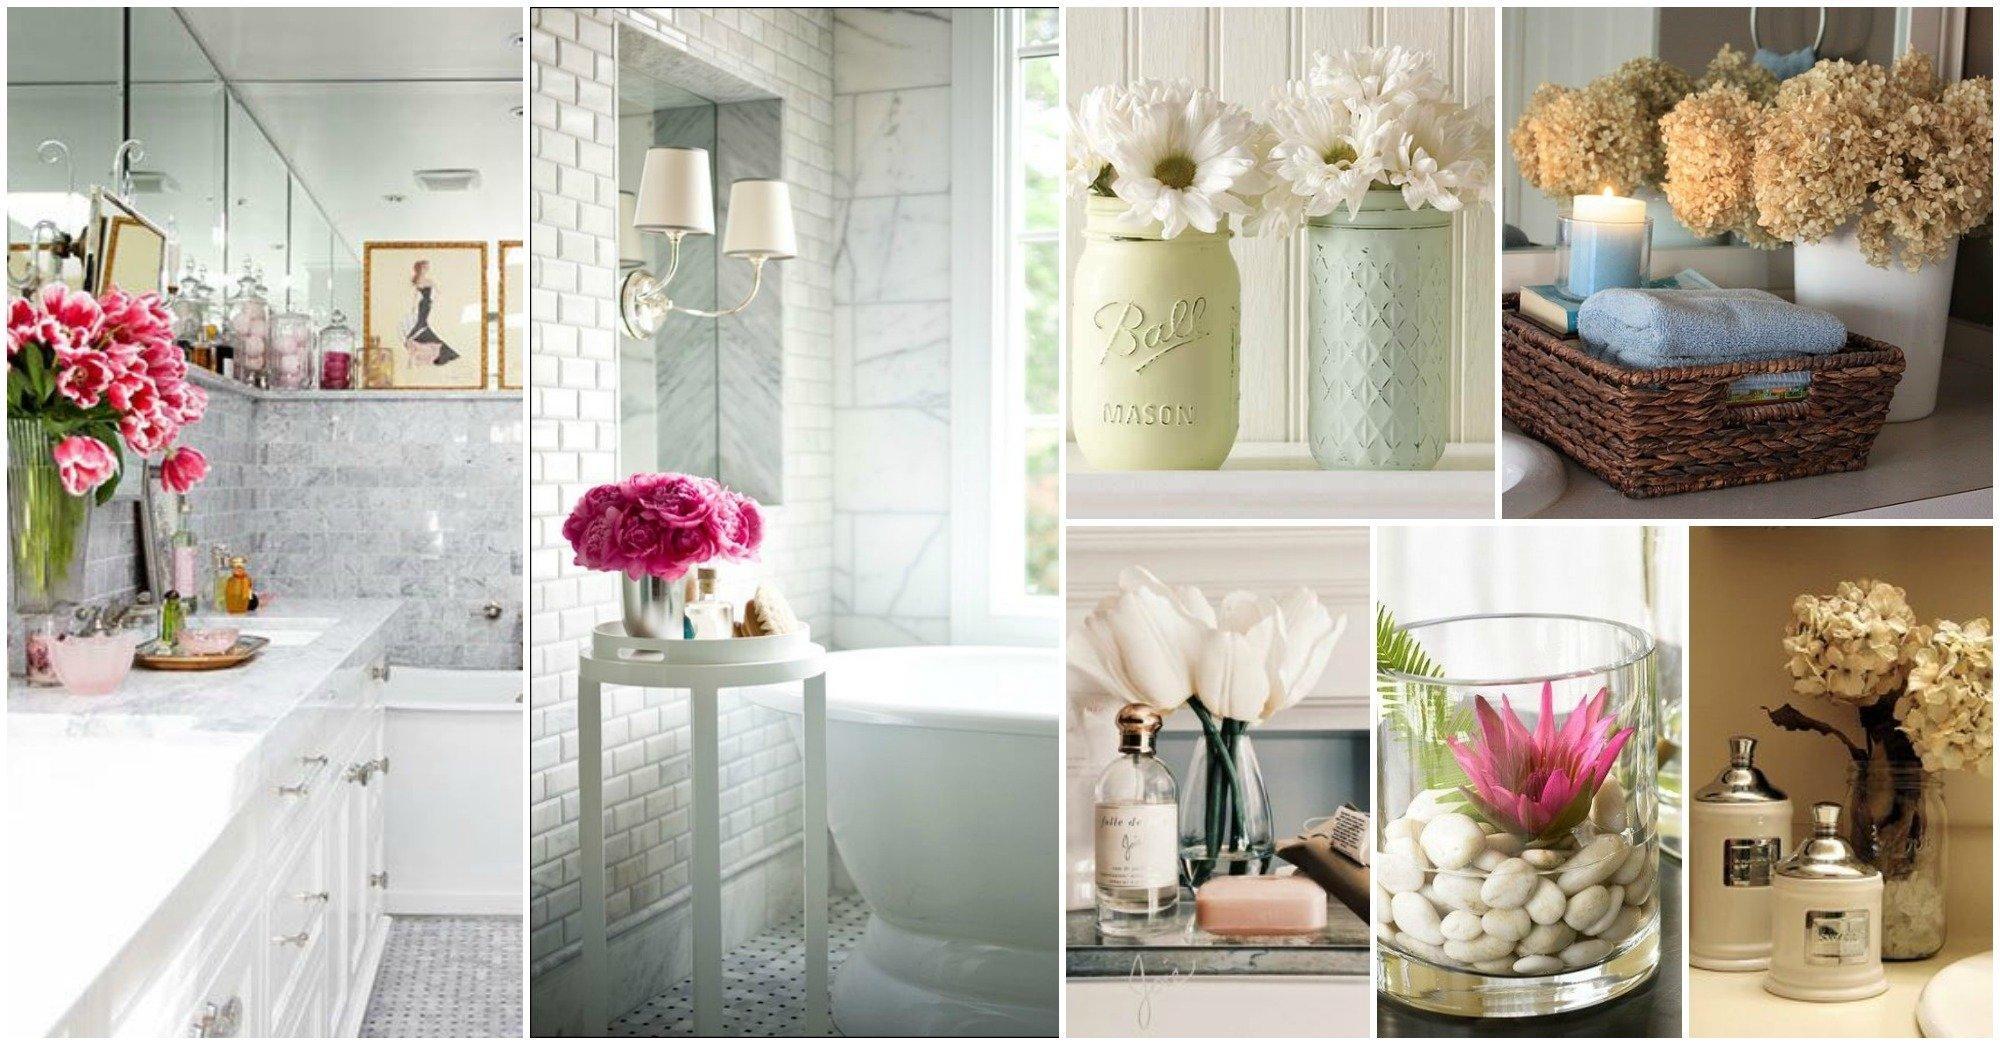 10 Stylish Ideas For Decorating A Bathroom flowers bathroom decor ideas that will refresh your bathroom 2020